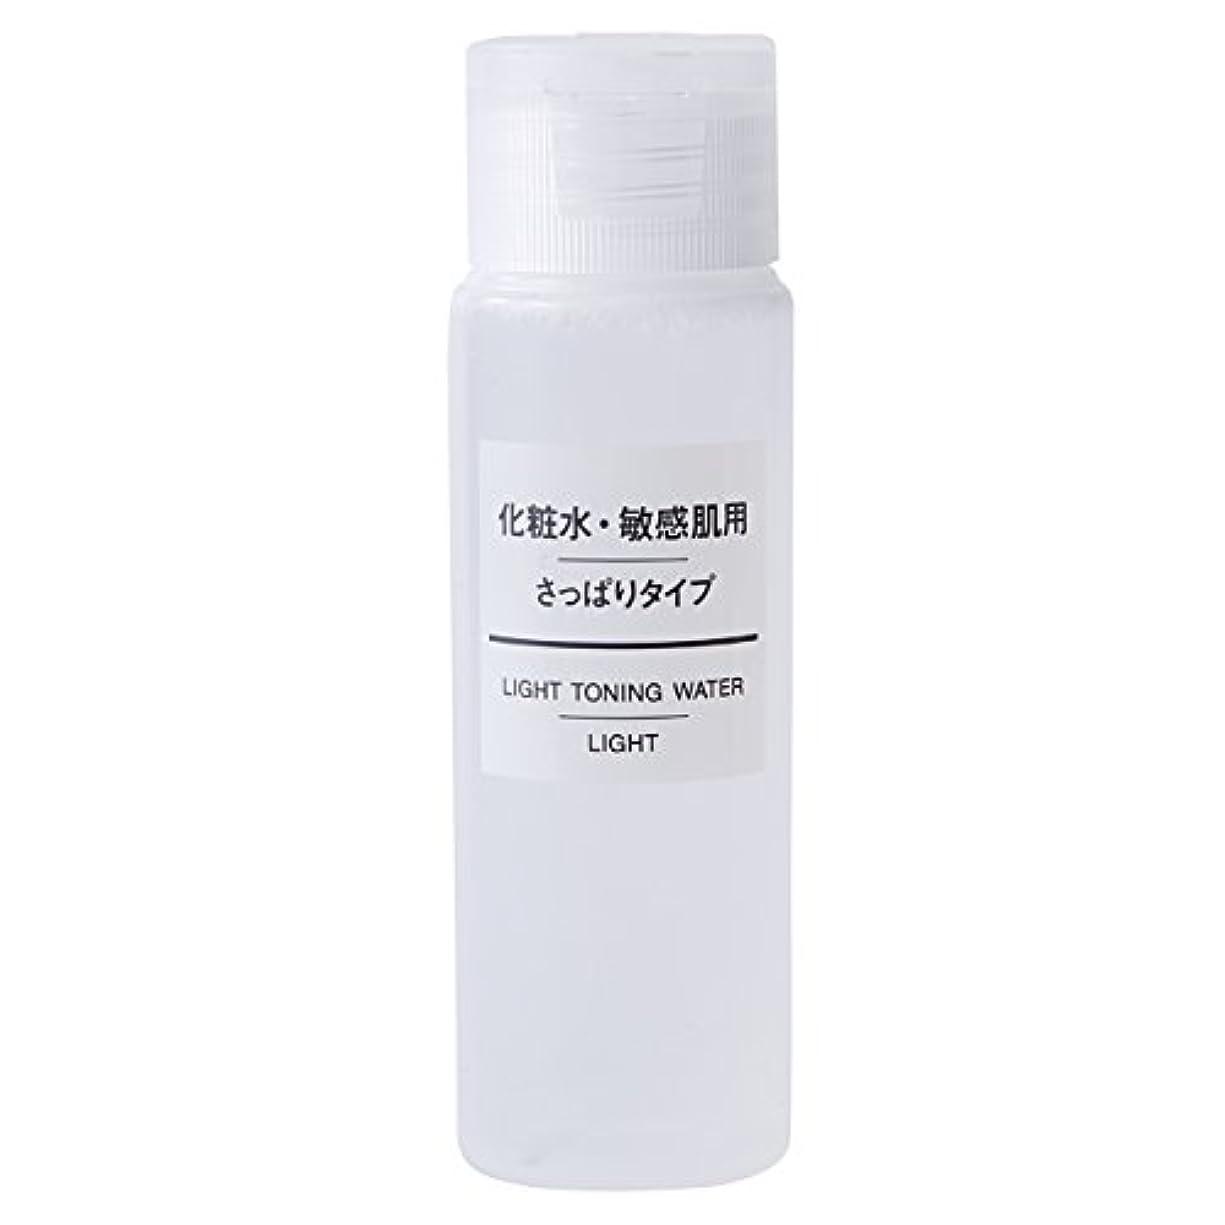 としてタヒチ転用無印良品 化粧水 敏感肌用 さっぱりタイプ(携帯用) 50ml